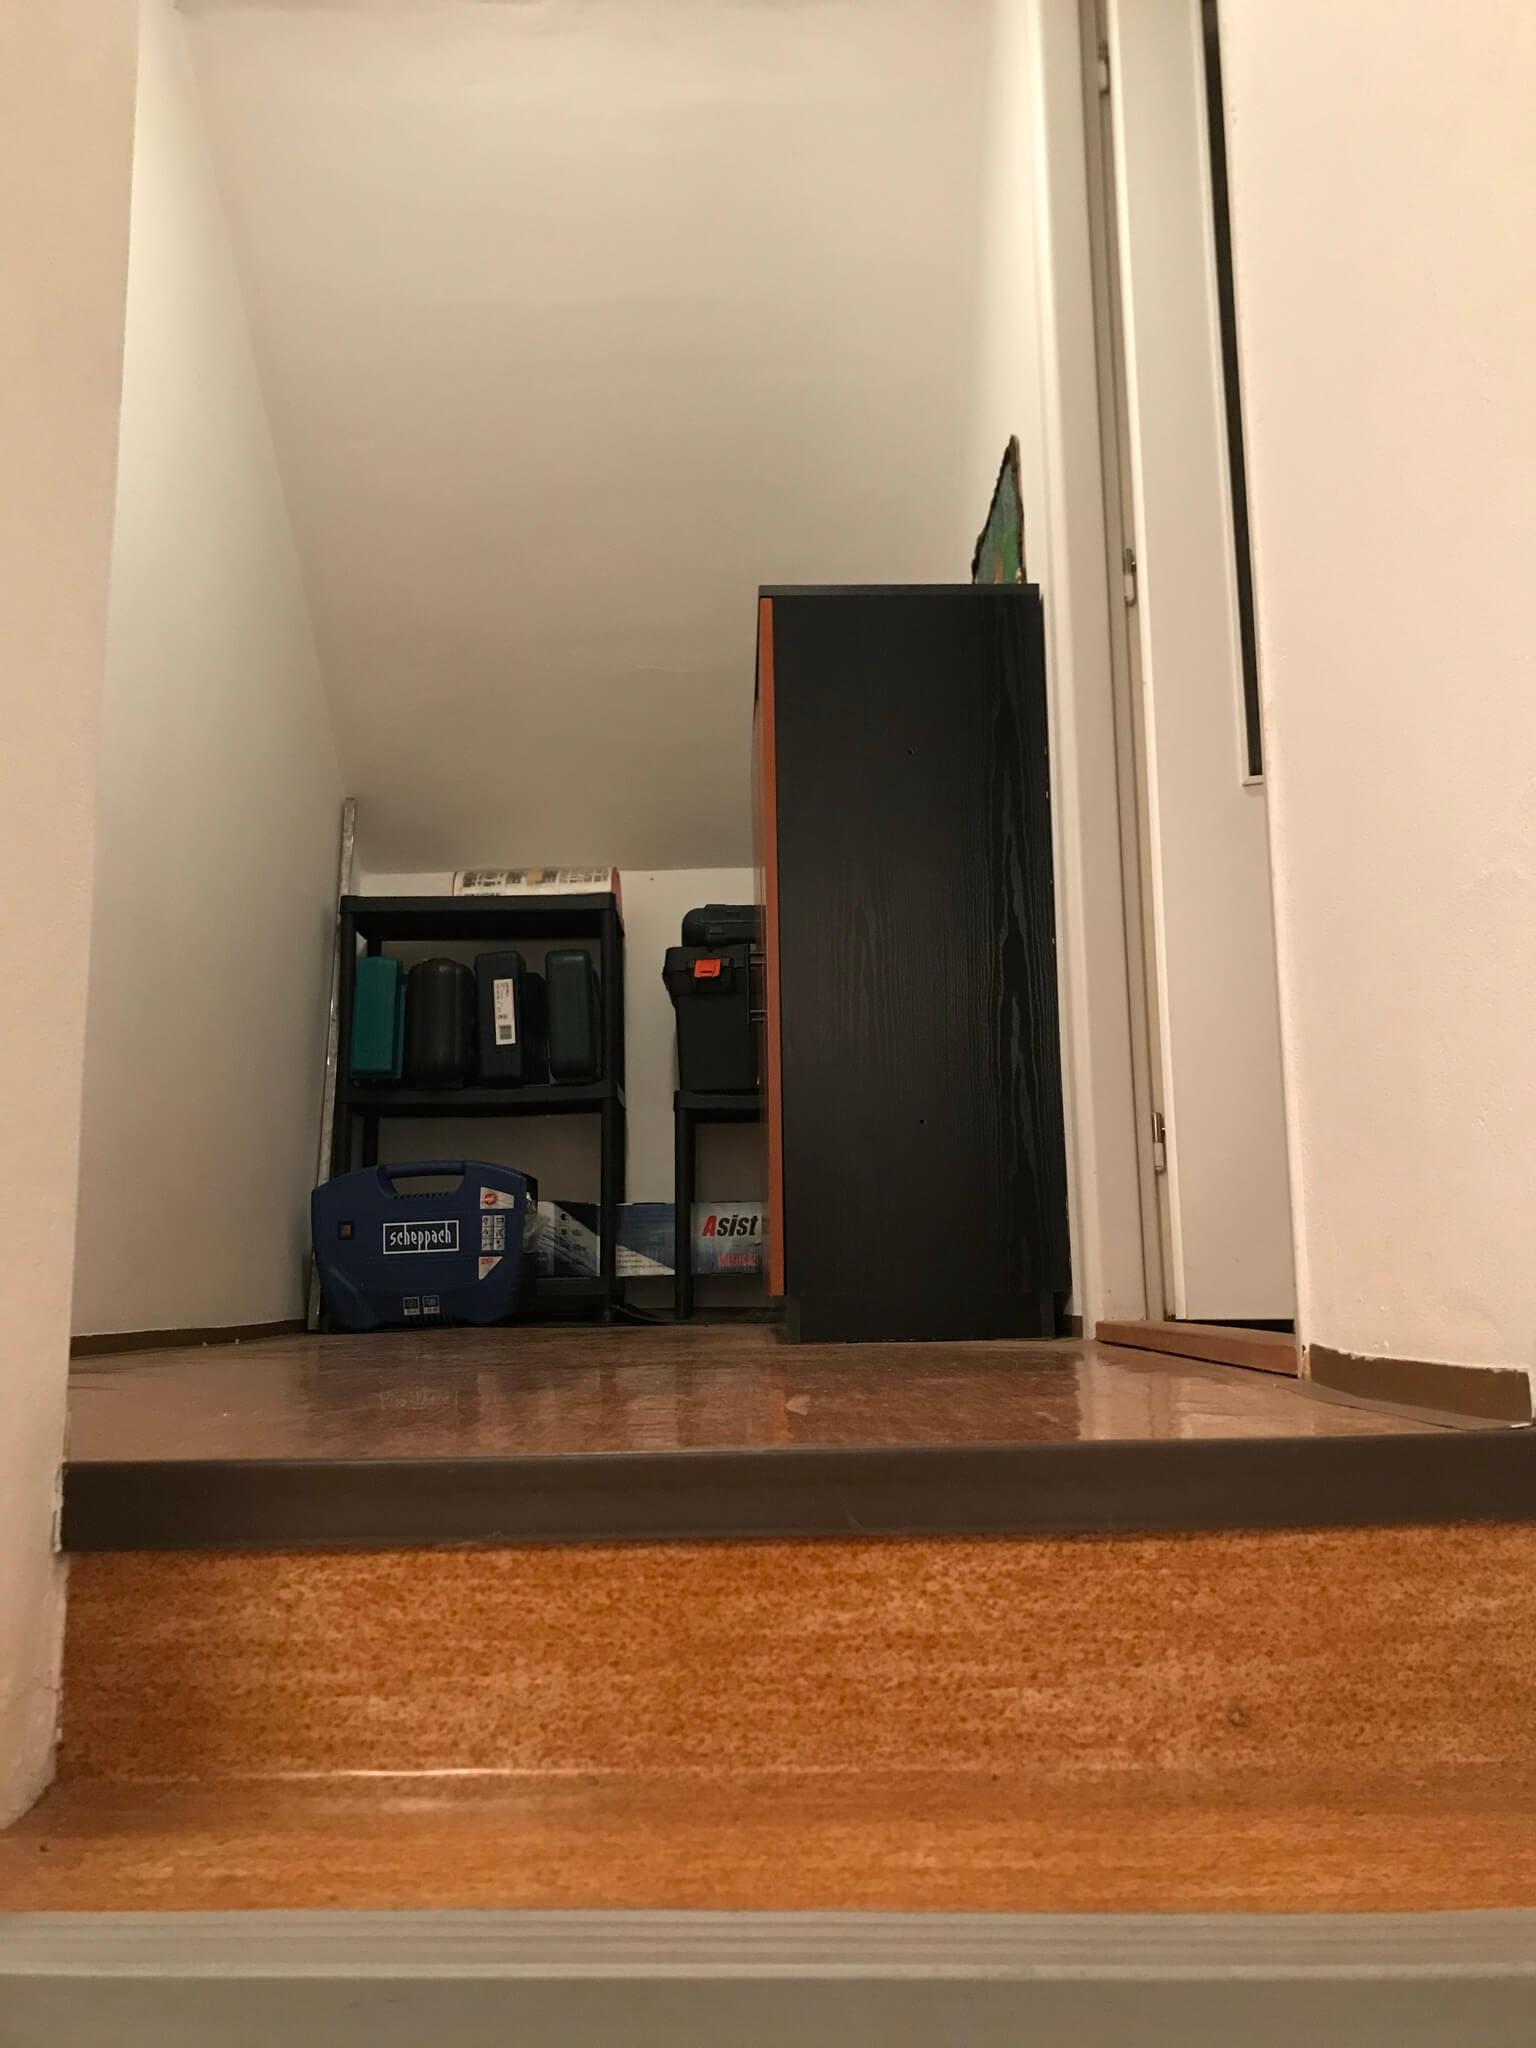 Predané: Exkluzívne 3 izbová chata o výmere 70m2 s 300m2 pozemkom, 2 podložná, v Gabčíkove pri hrádzi, kompe-13